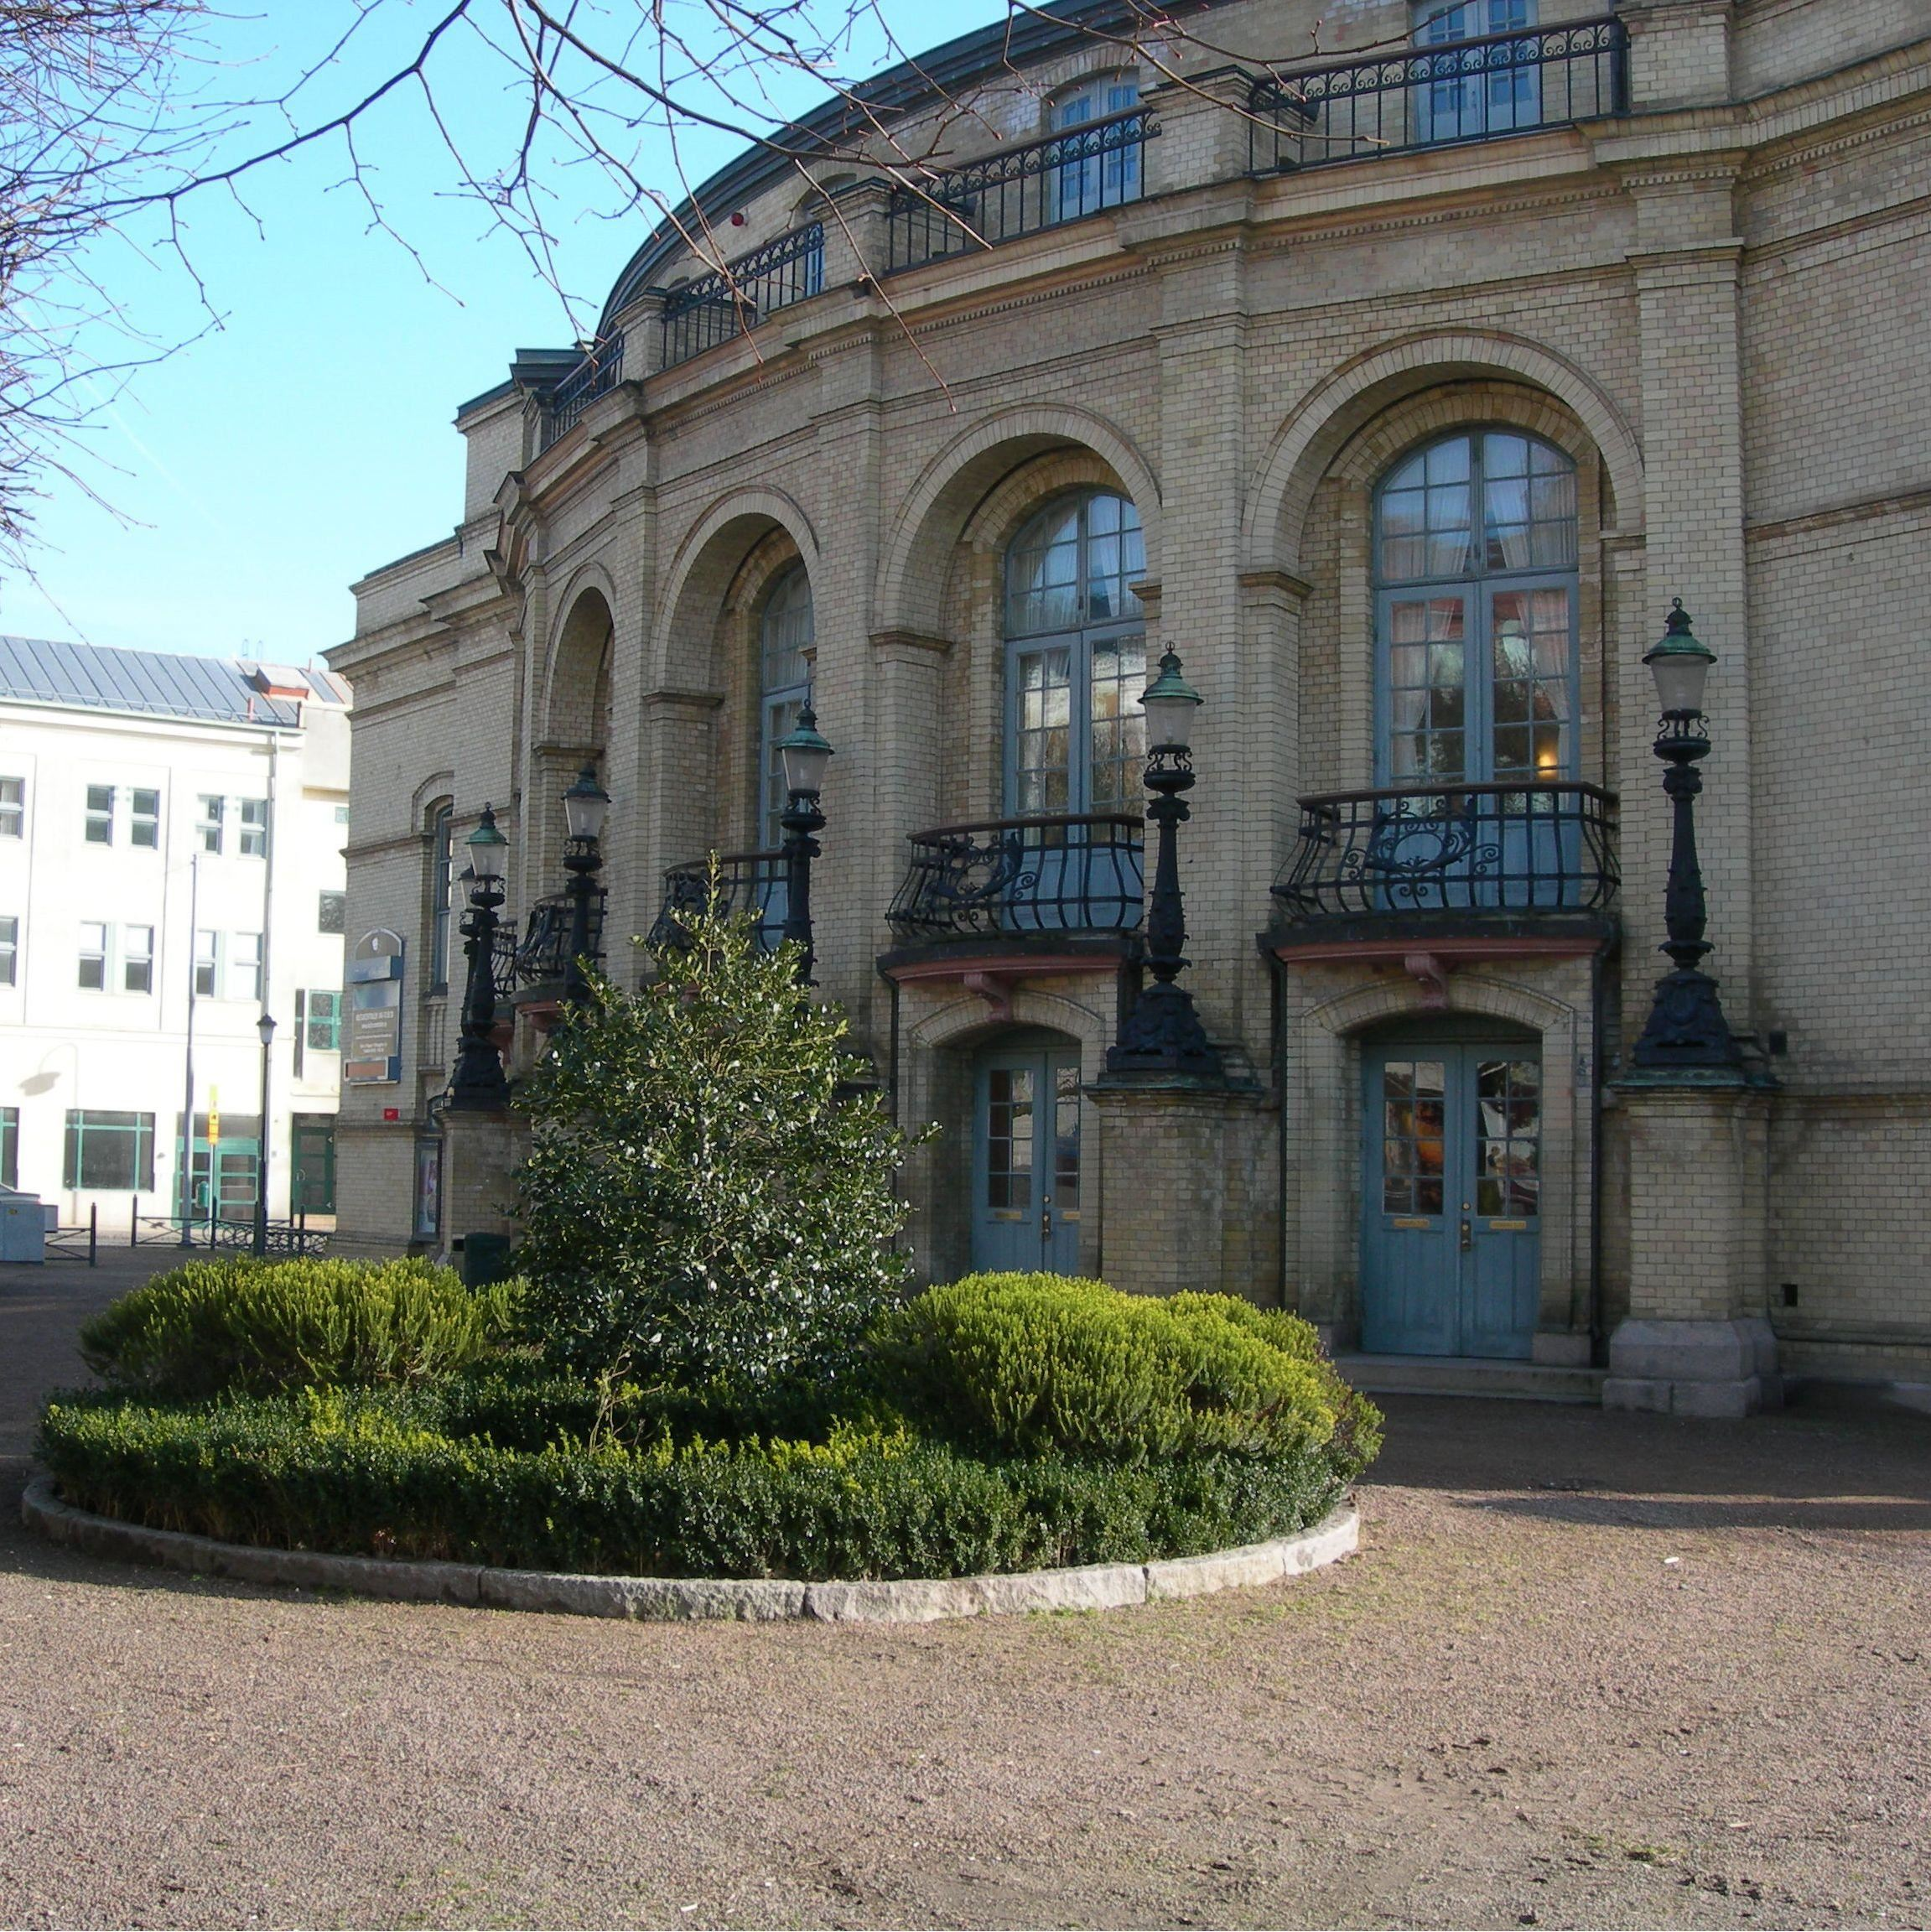 Foto: Turistbyrån Landskrona - Ven, Landskrona Theatre